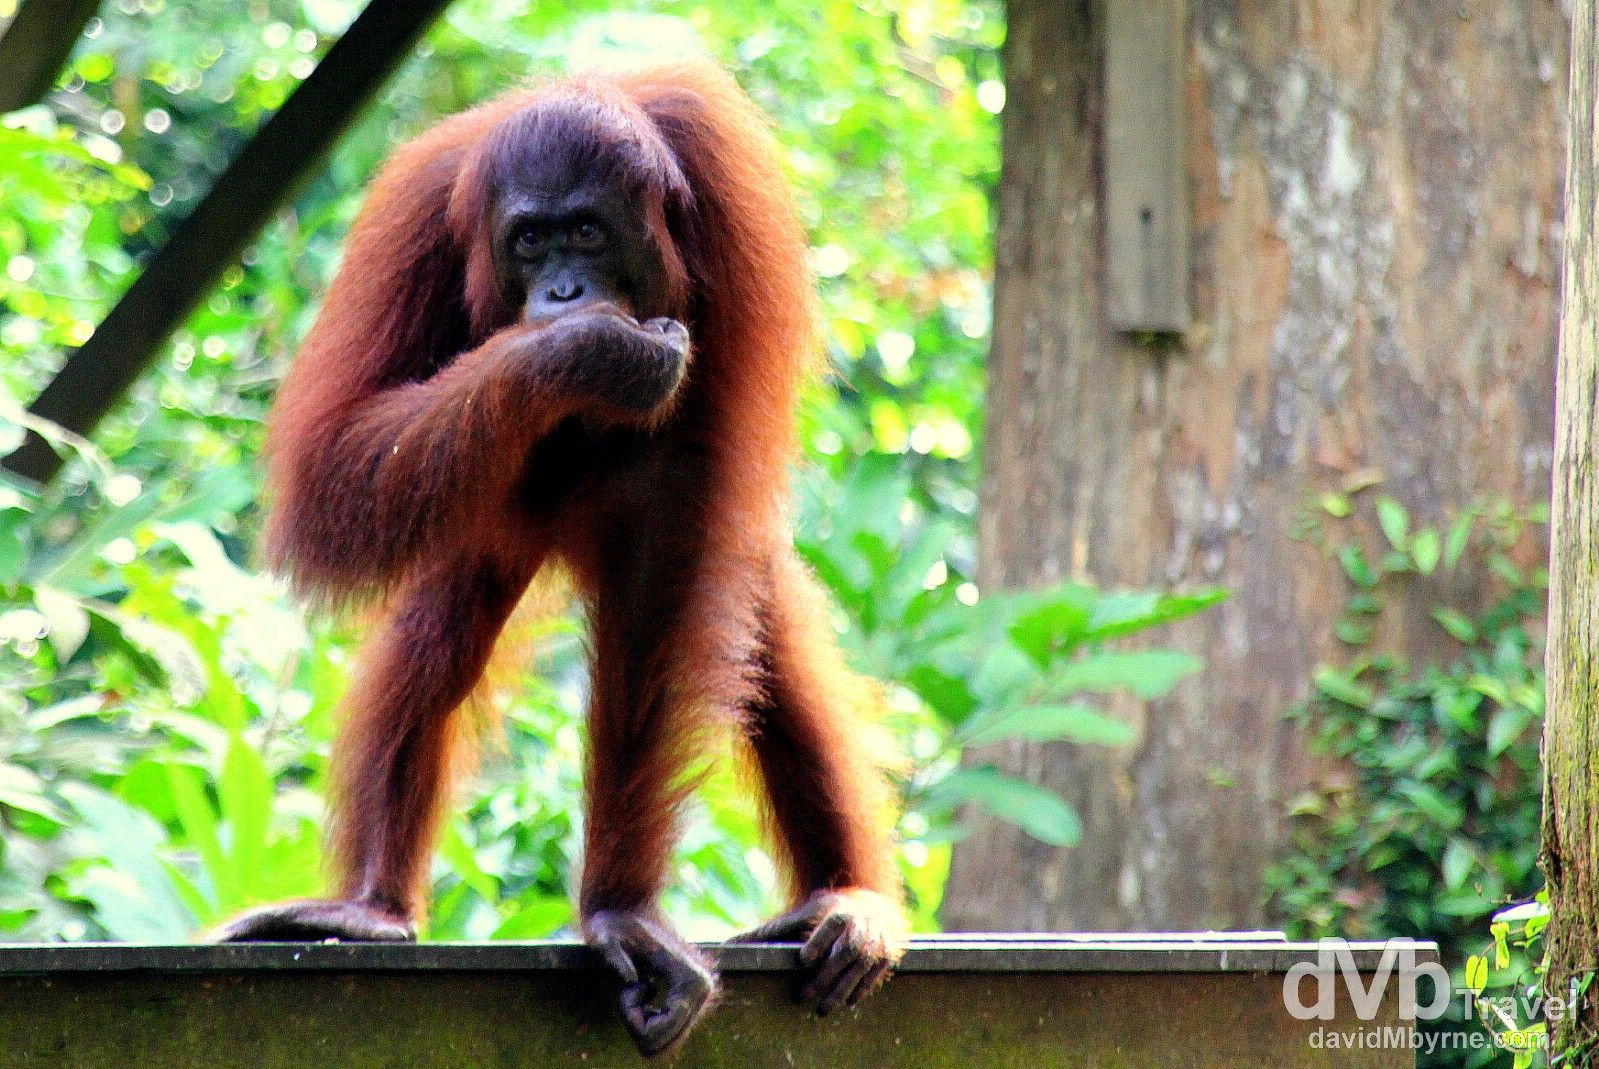 A resident at the Sepilok Orangutan Rehabilitation Centre, Sabah, Malaysian Borneo. June 26th 2012.